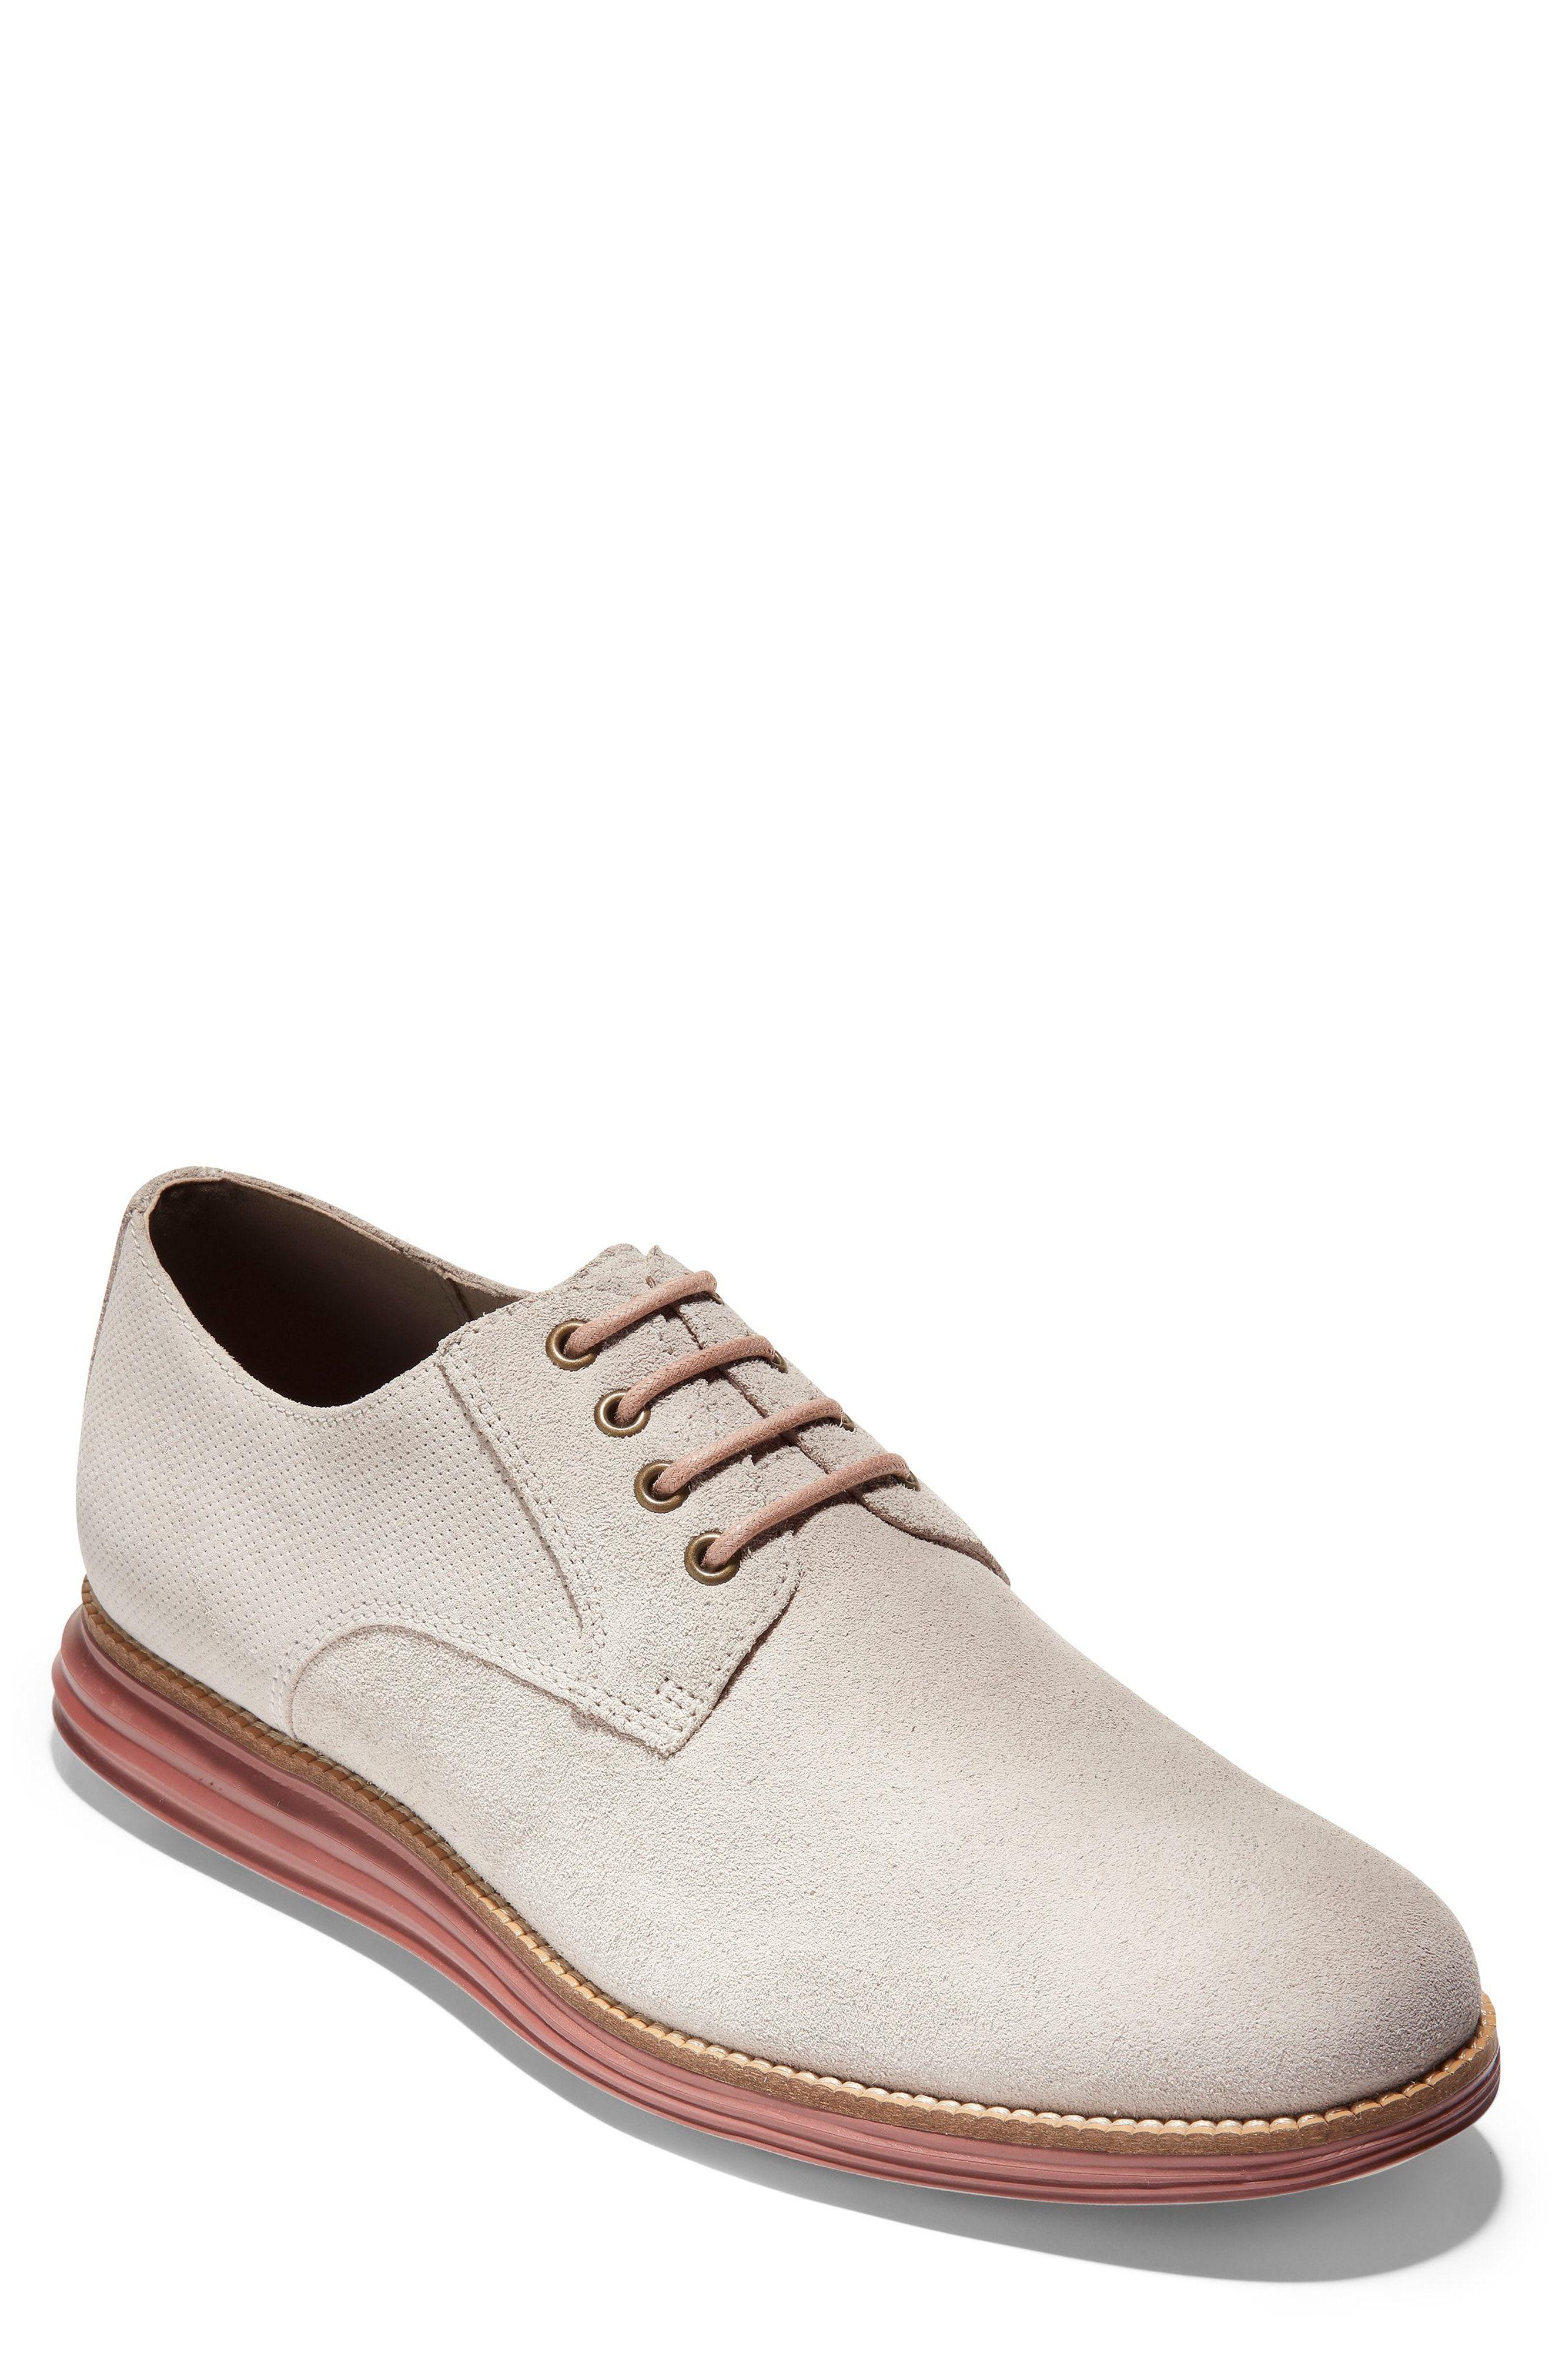 b7023d2f01 COLE HAAN ORIGINAL GRAND PLAIN TOE DERBY. #colehaan #shoes | Cole ...